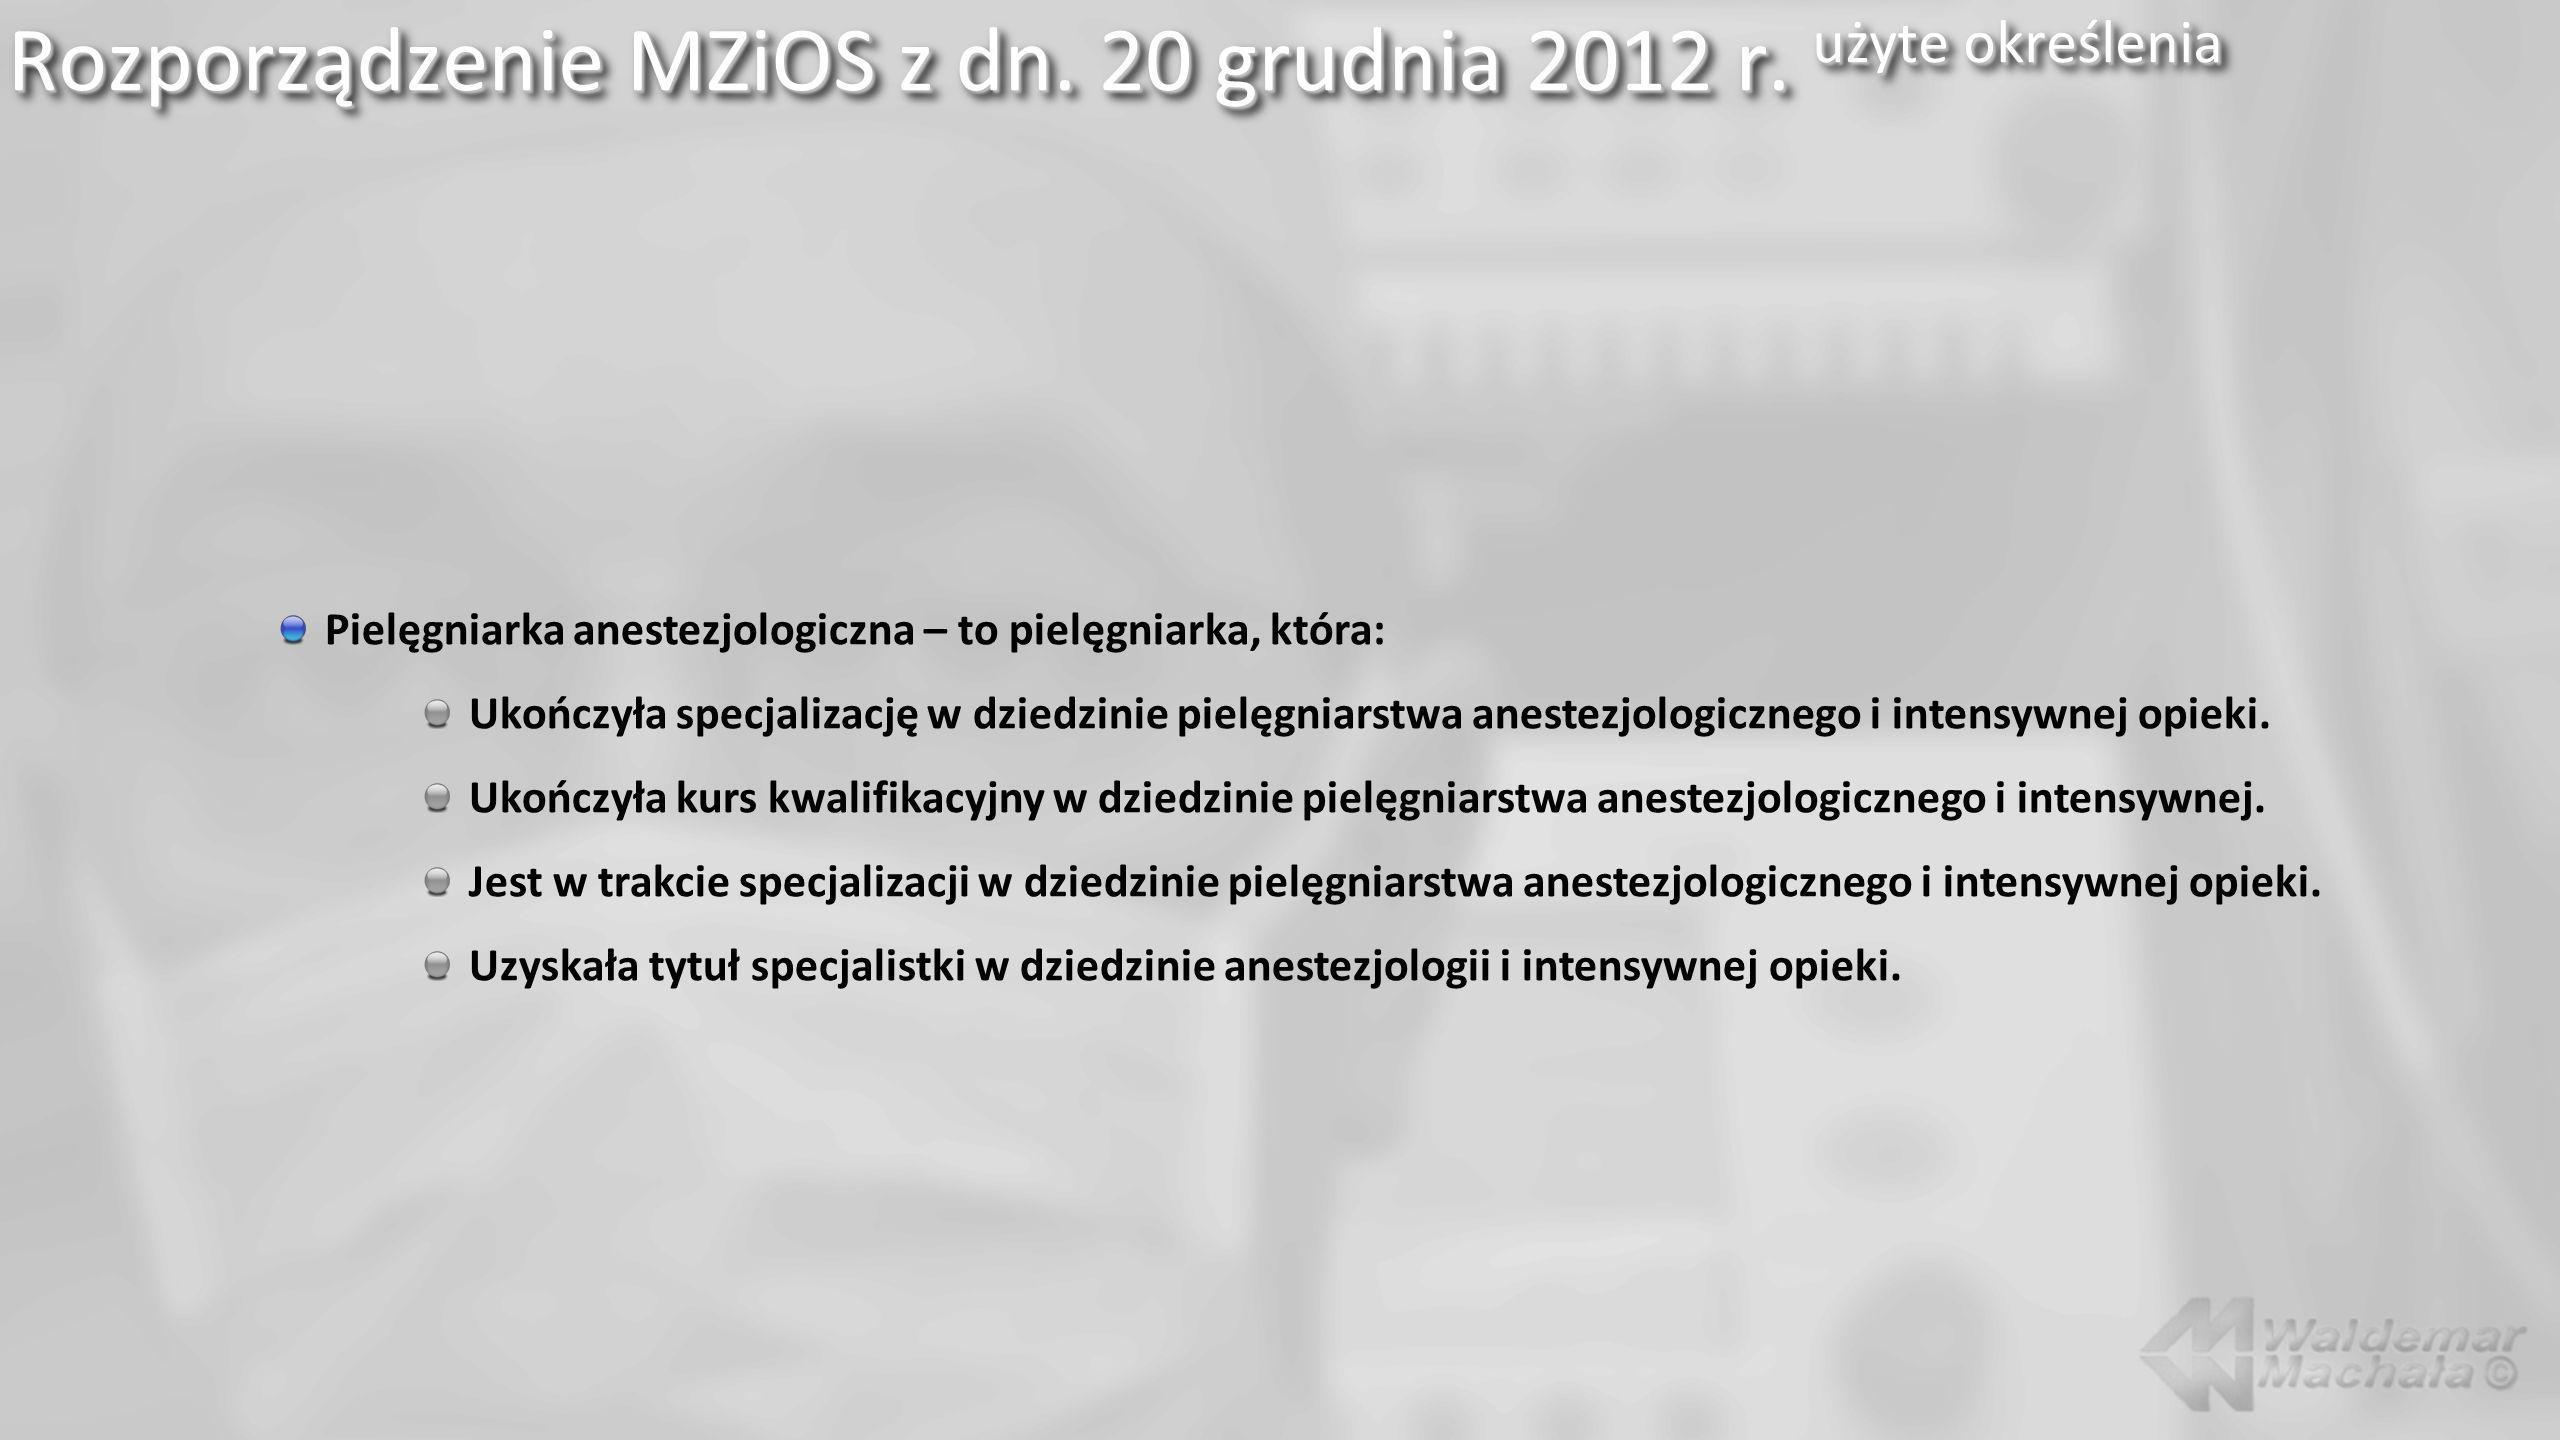 Rozporządzenie MZiOS z dn. 20 grudnia 2012 r. użyte określenia Pielęgniarka anestezjologiczna – to pielęgniarka, która: Ukończyła specjalizację w dzie